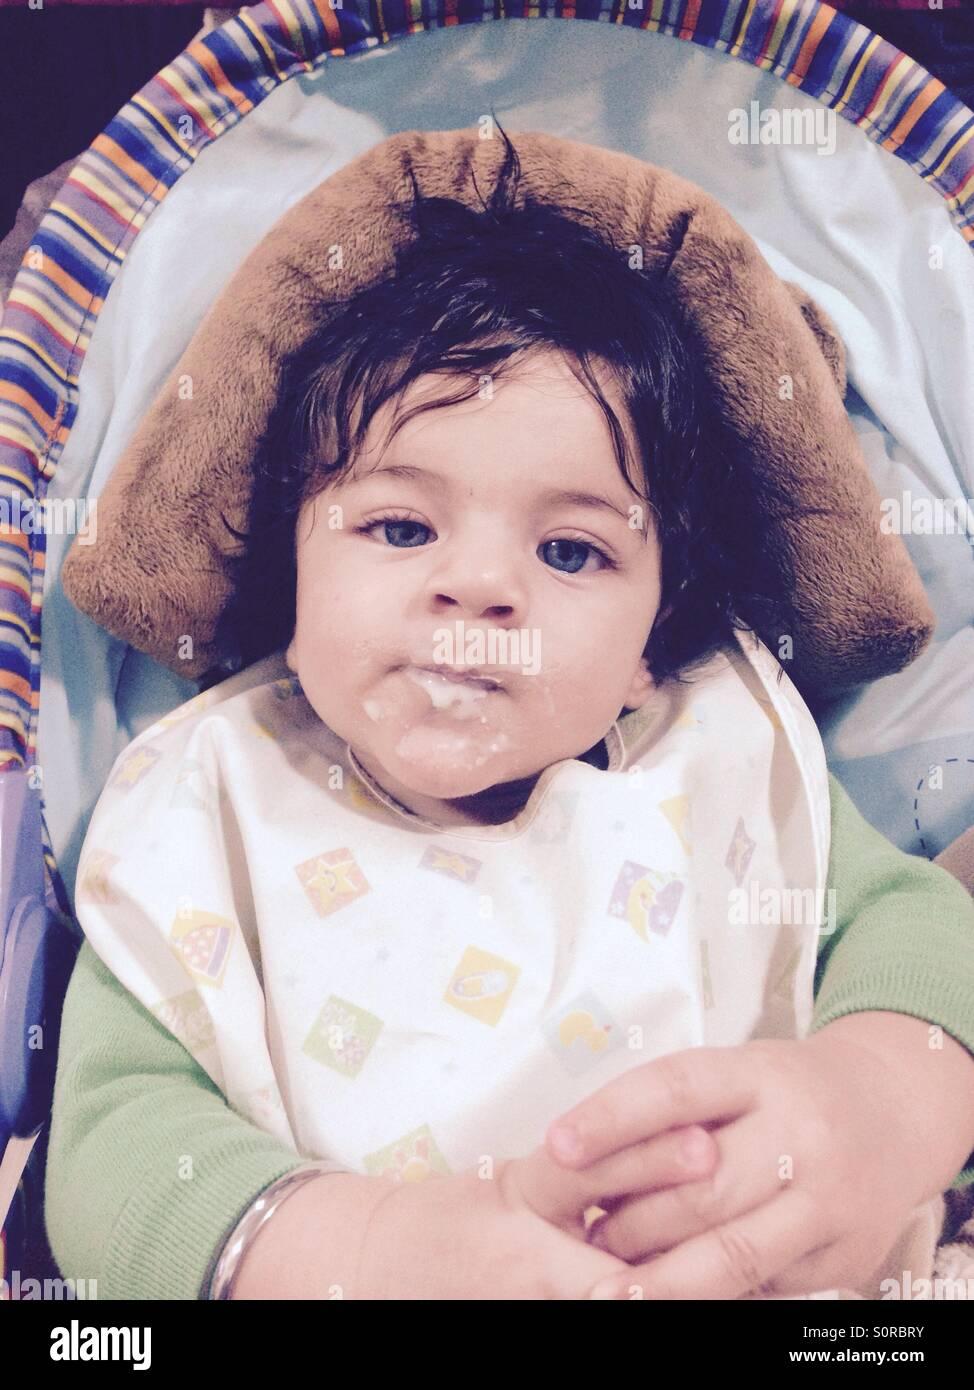 Baby Junge nach seiner ersten Zeit Getreide zu essen. Stockbild